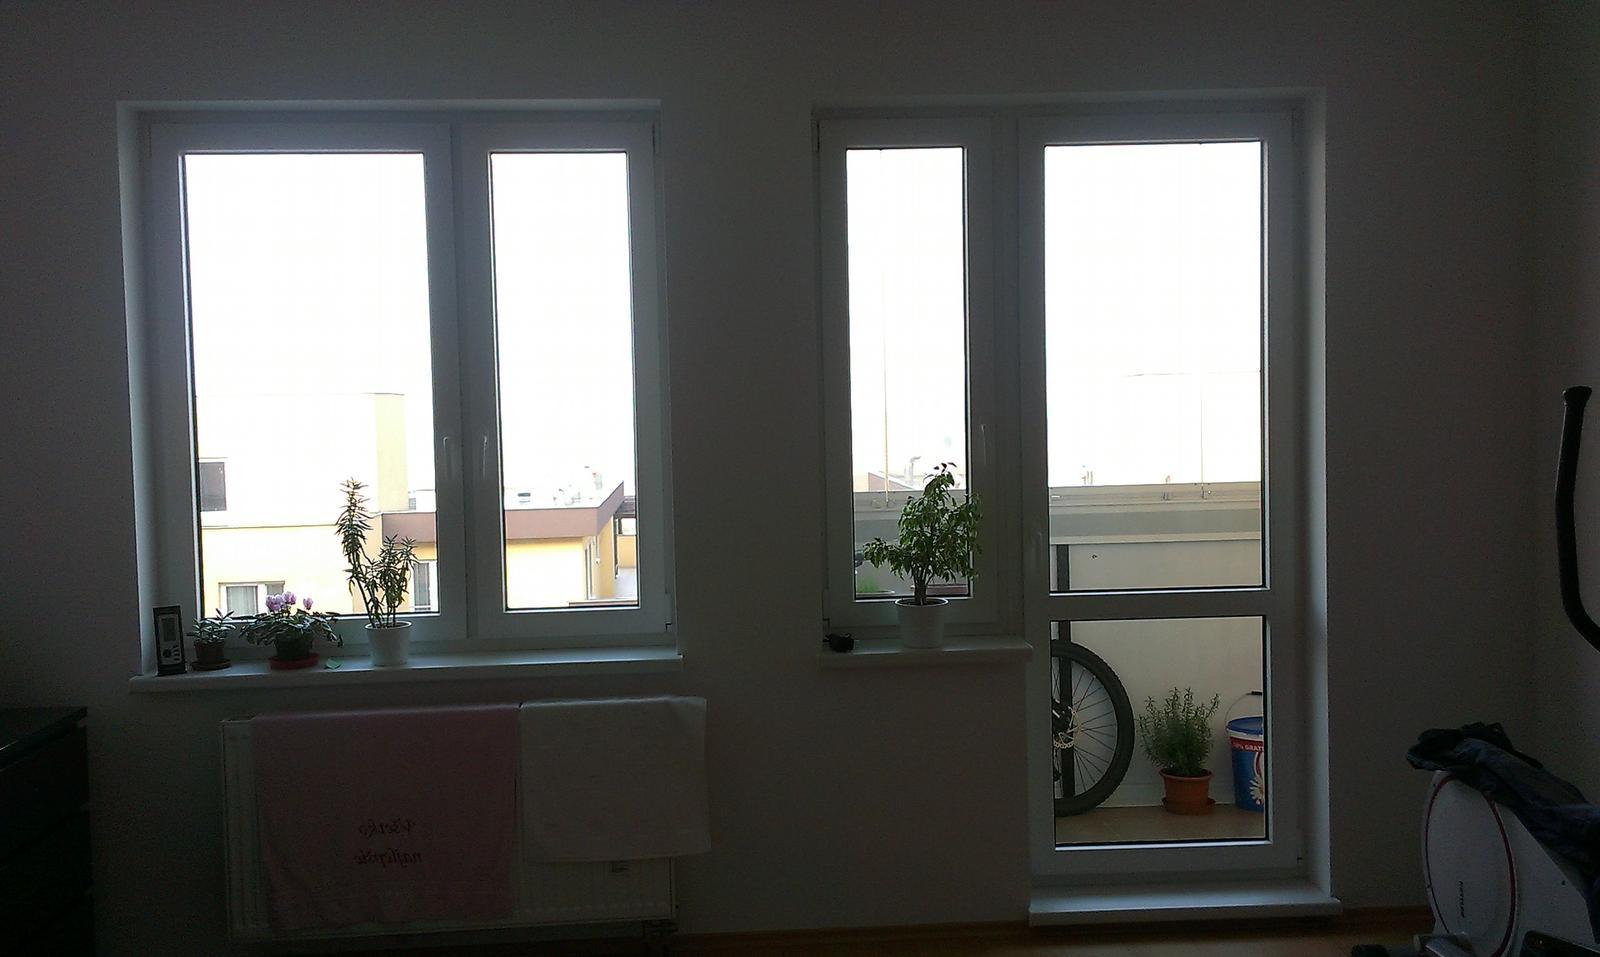 Za zaluzie na vsetko a 2 sietky na okna chcu 210 eur... Co sa s konom zrazili?! - Obrázok č. 1